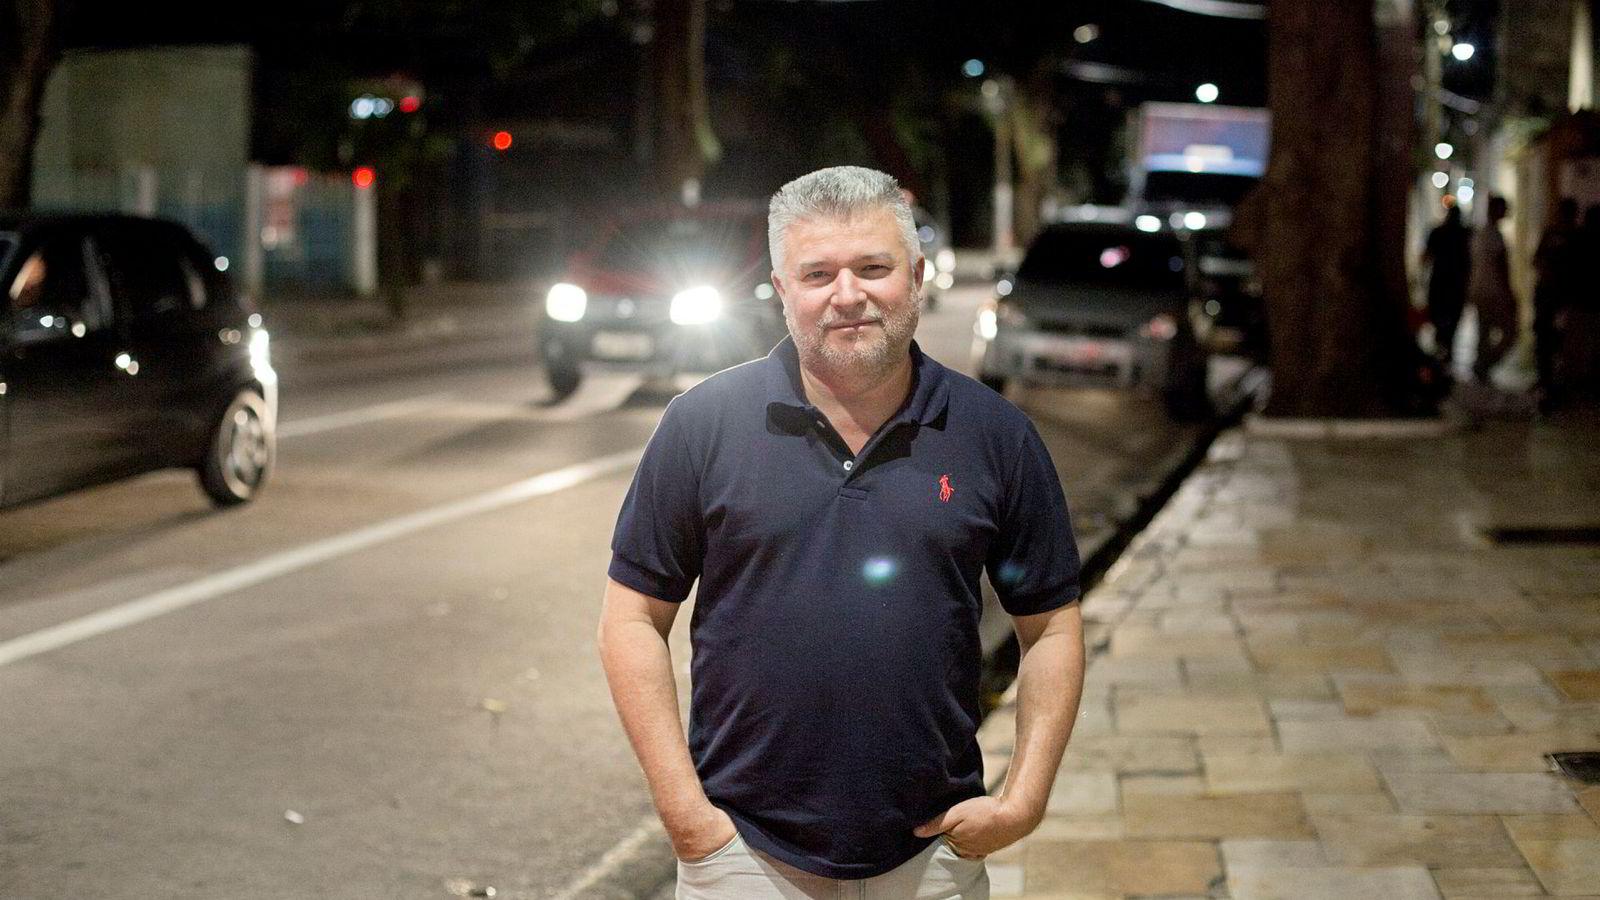 Marcelo Lima, forsker ved Instituto Evandro Chagasm, er mannen bak rapportene som gir Hydro betydelig hodebry. Anklagene om giftig utslipp fra Alunorte-anlegget fortsetter.